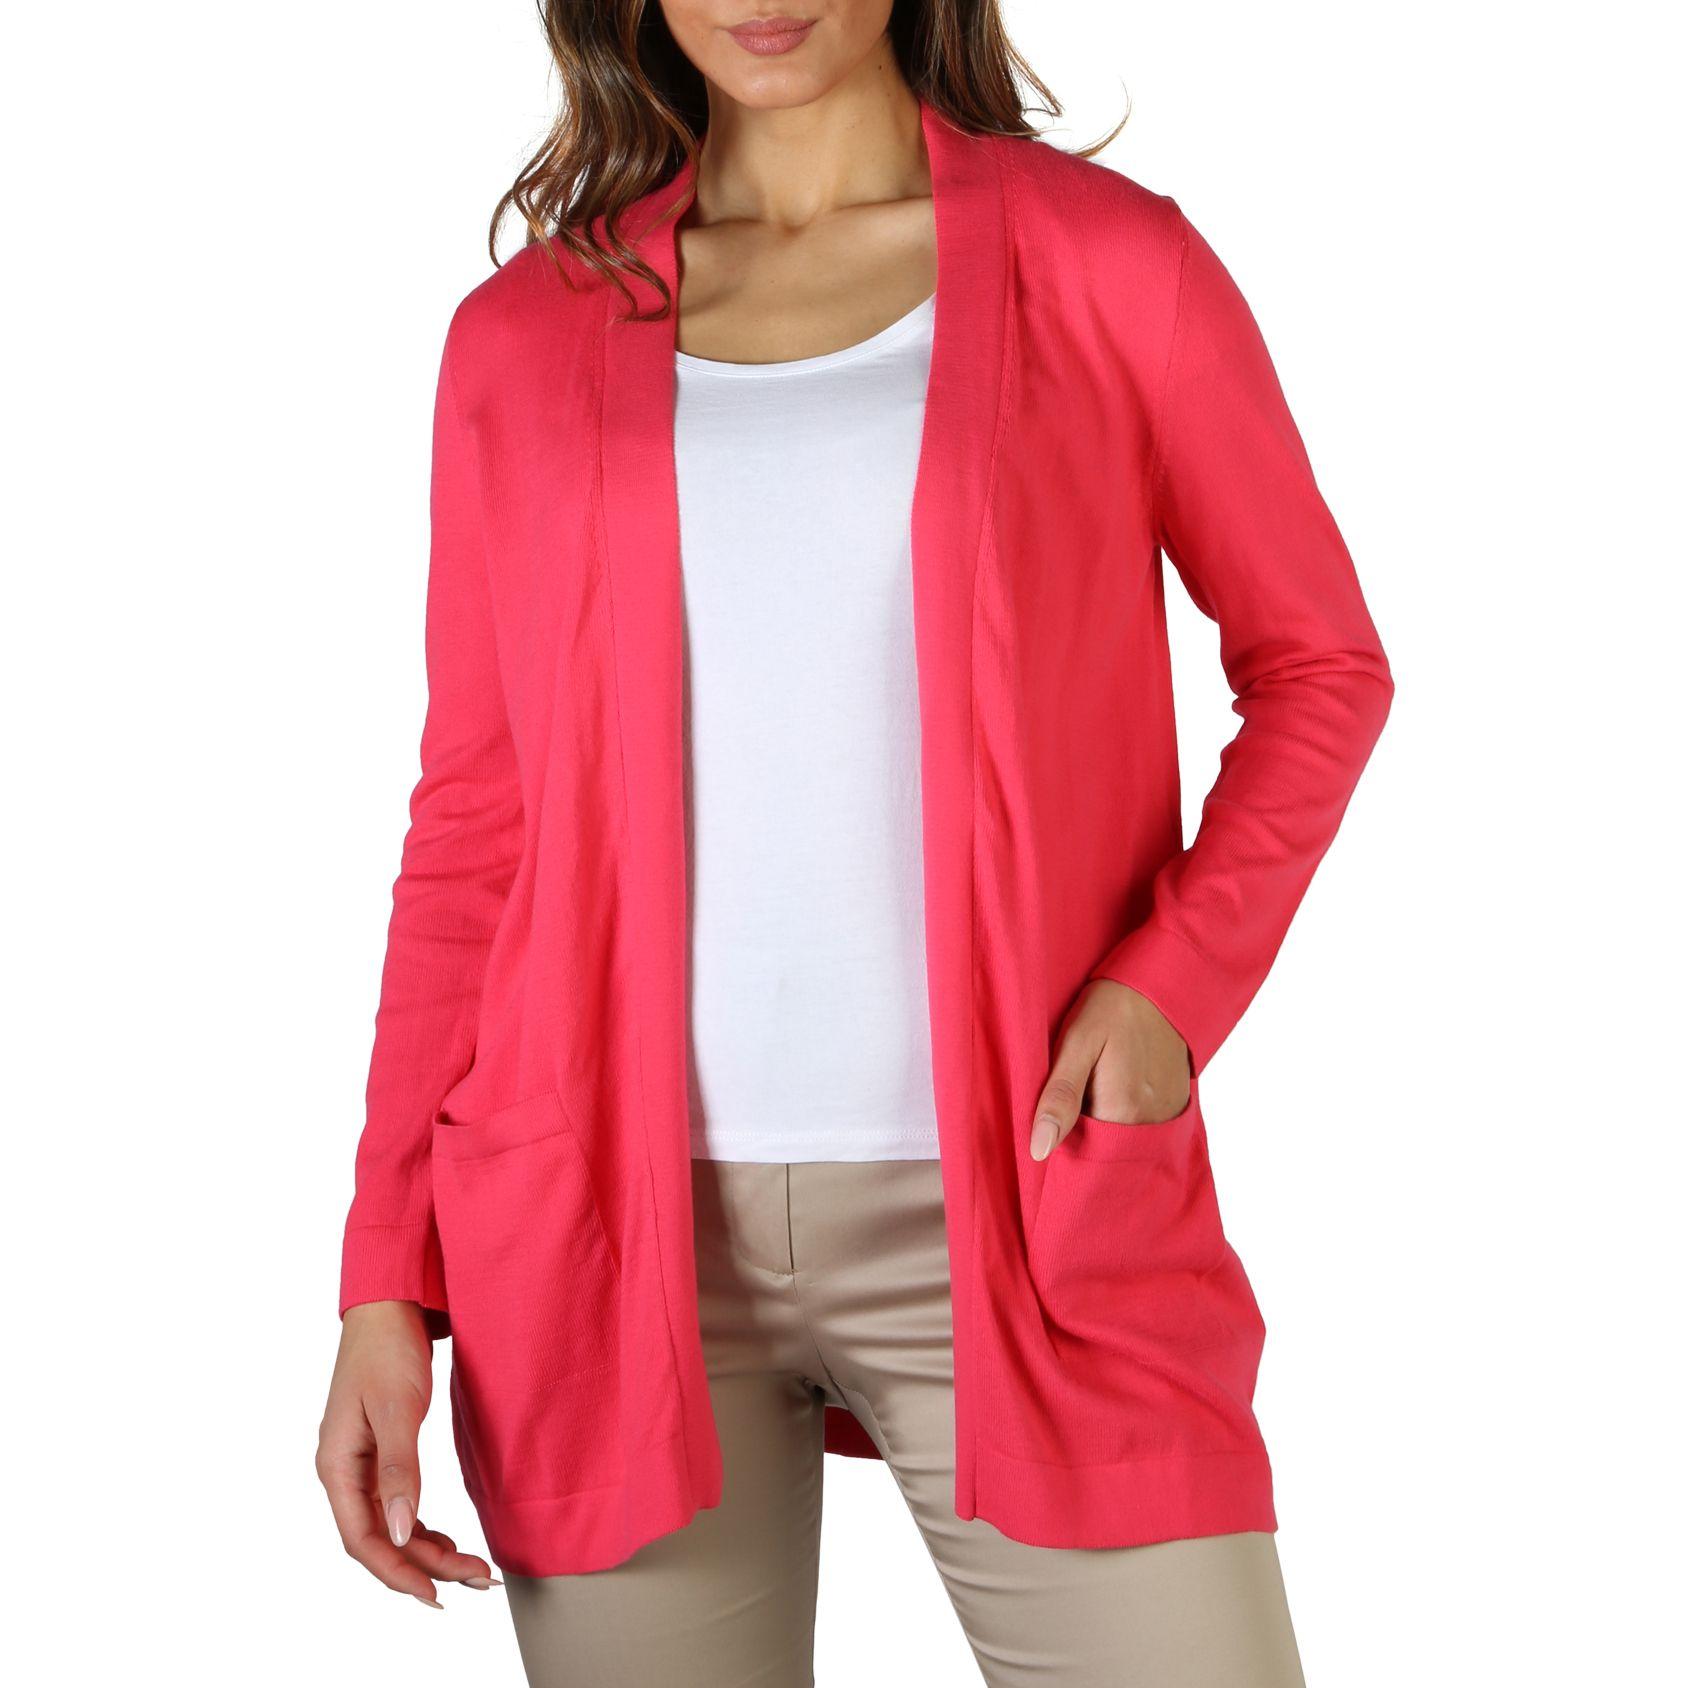 Fontana 2.0 Womens Sweaters